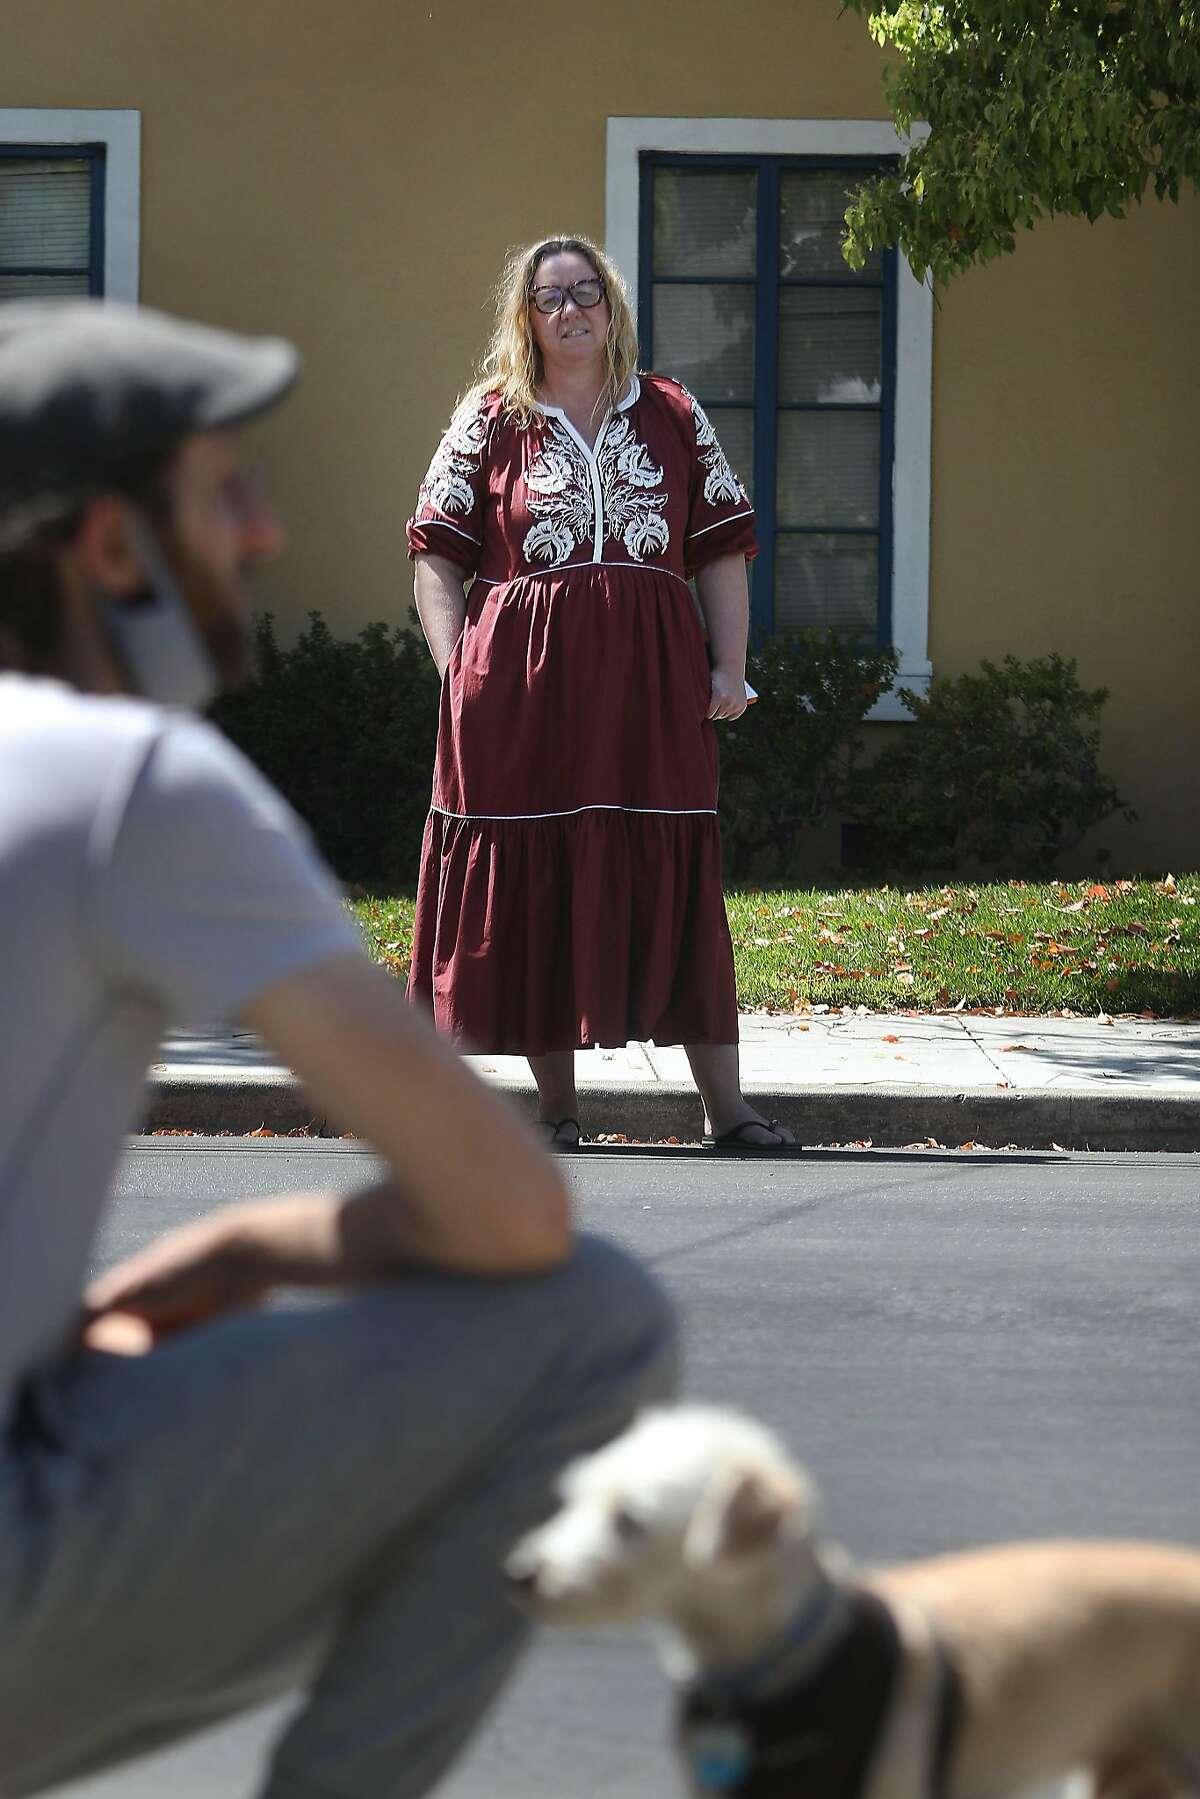 Brandi Moody talks with her neighbor Scott Fulton as he walks Herbie in their San Jose neighborhood.